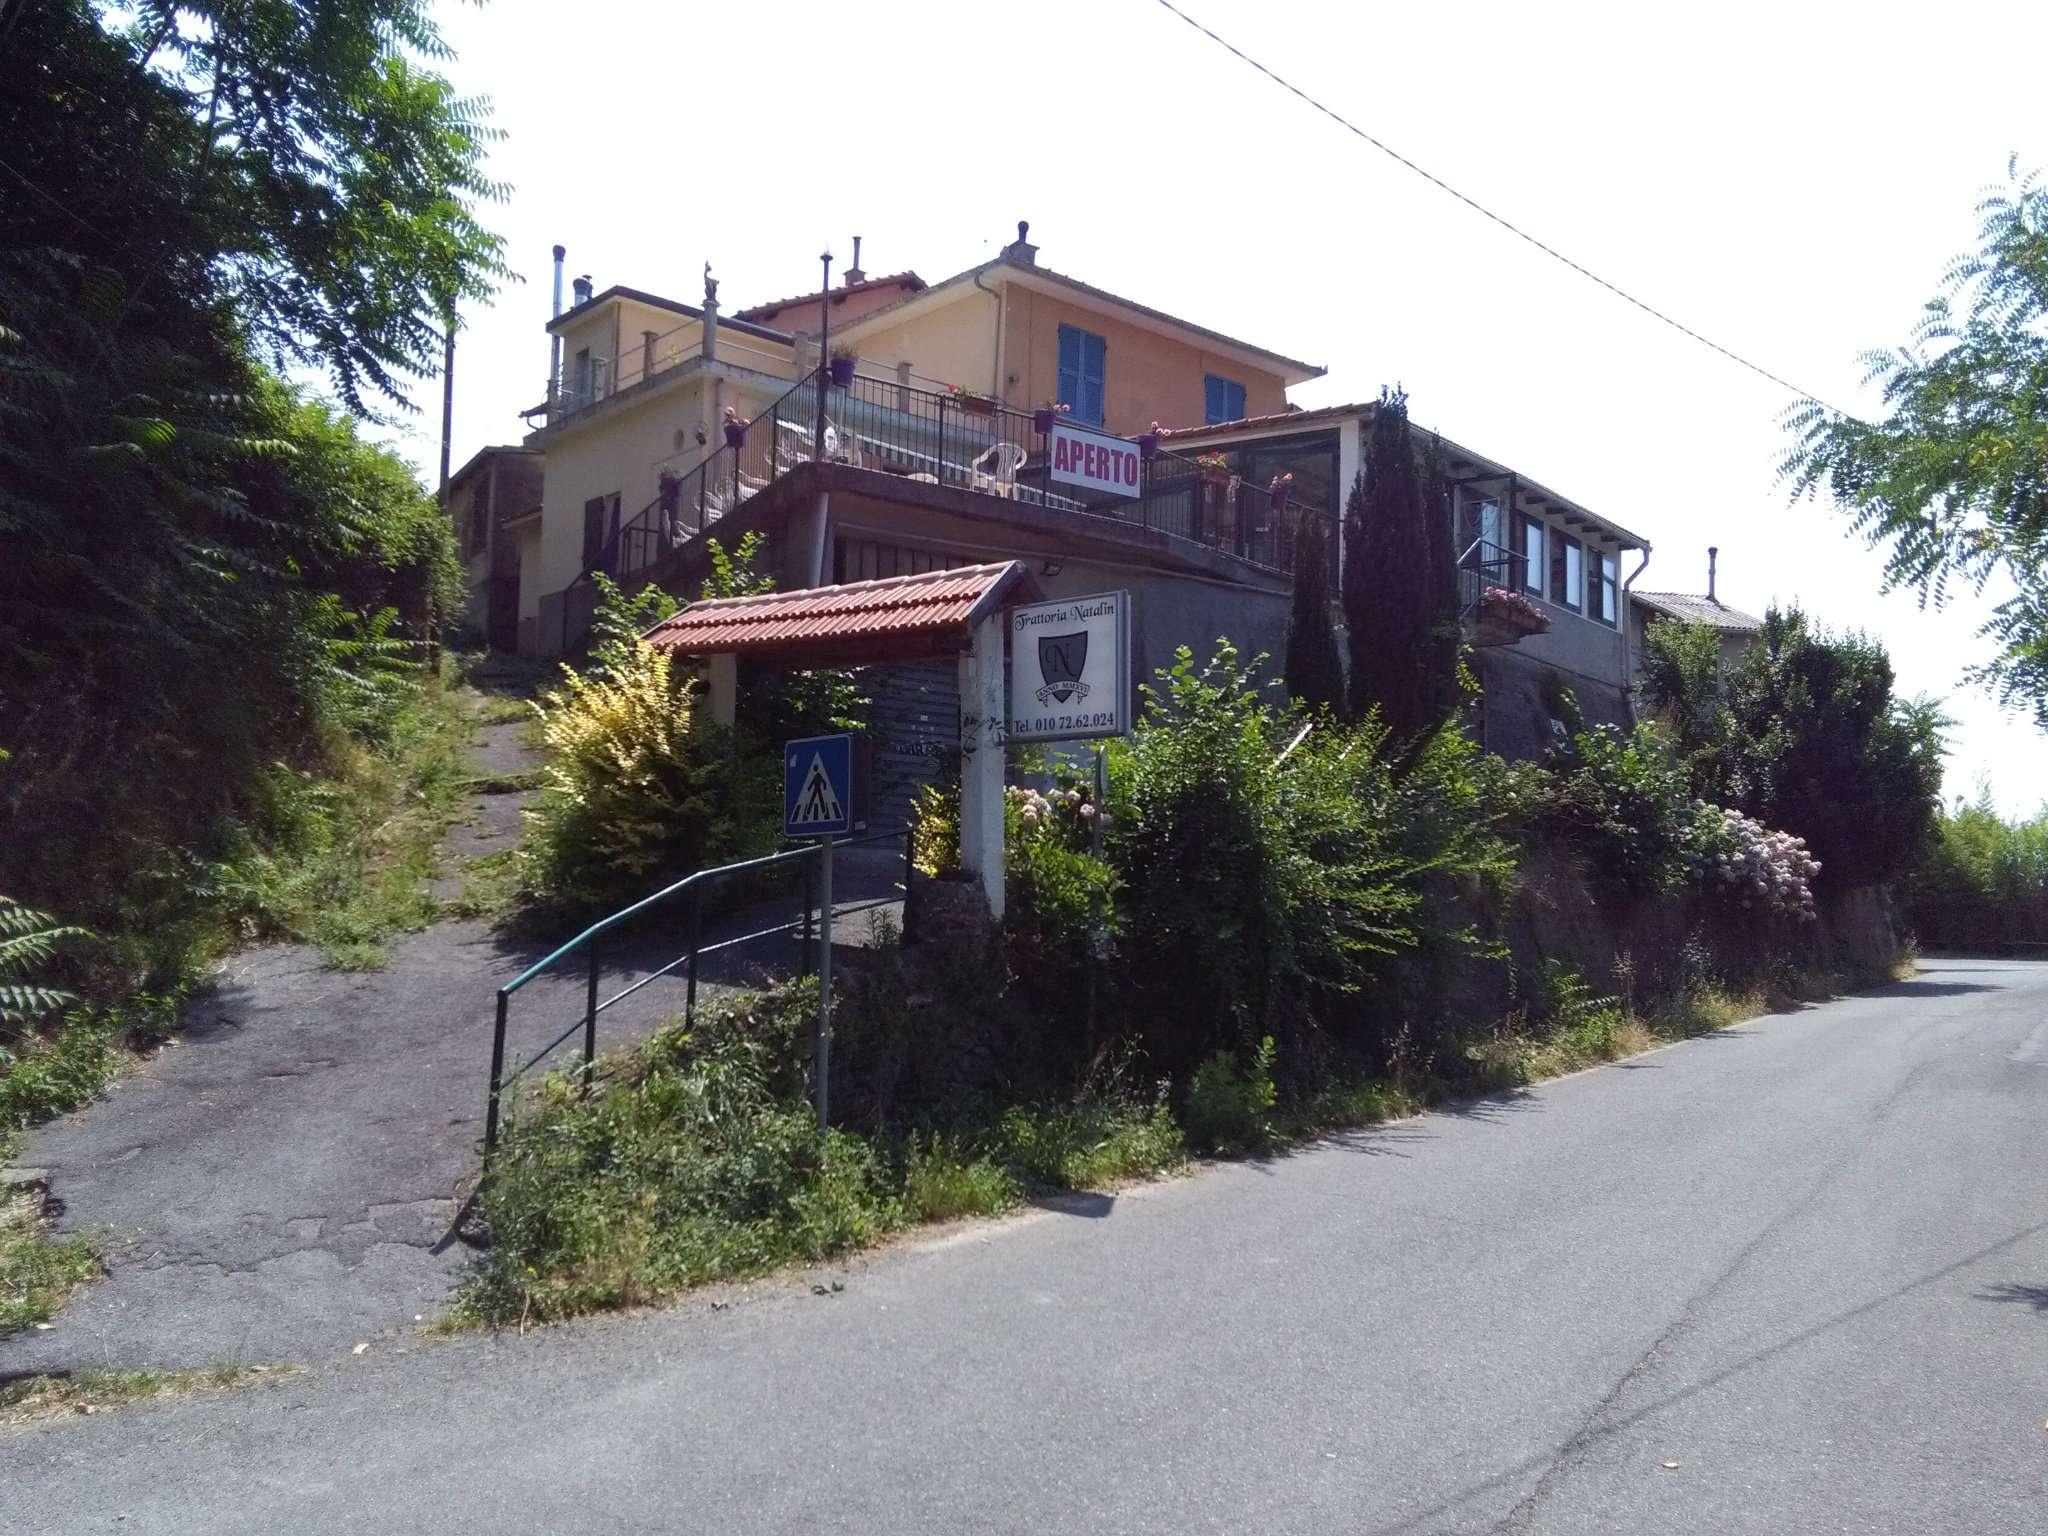 Negozio / Locale in vendita a Ceranesi, 13 locali, prezzo € 200.000   CambioCasa.it